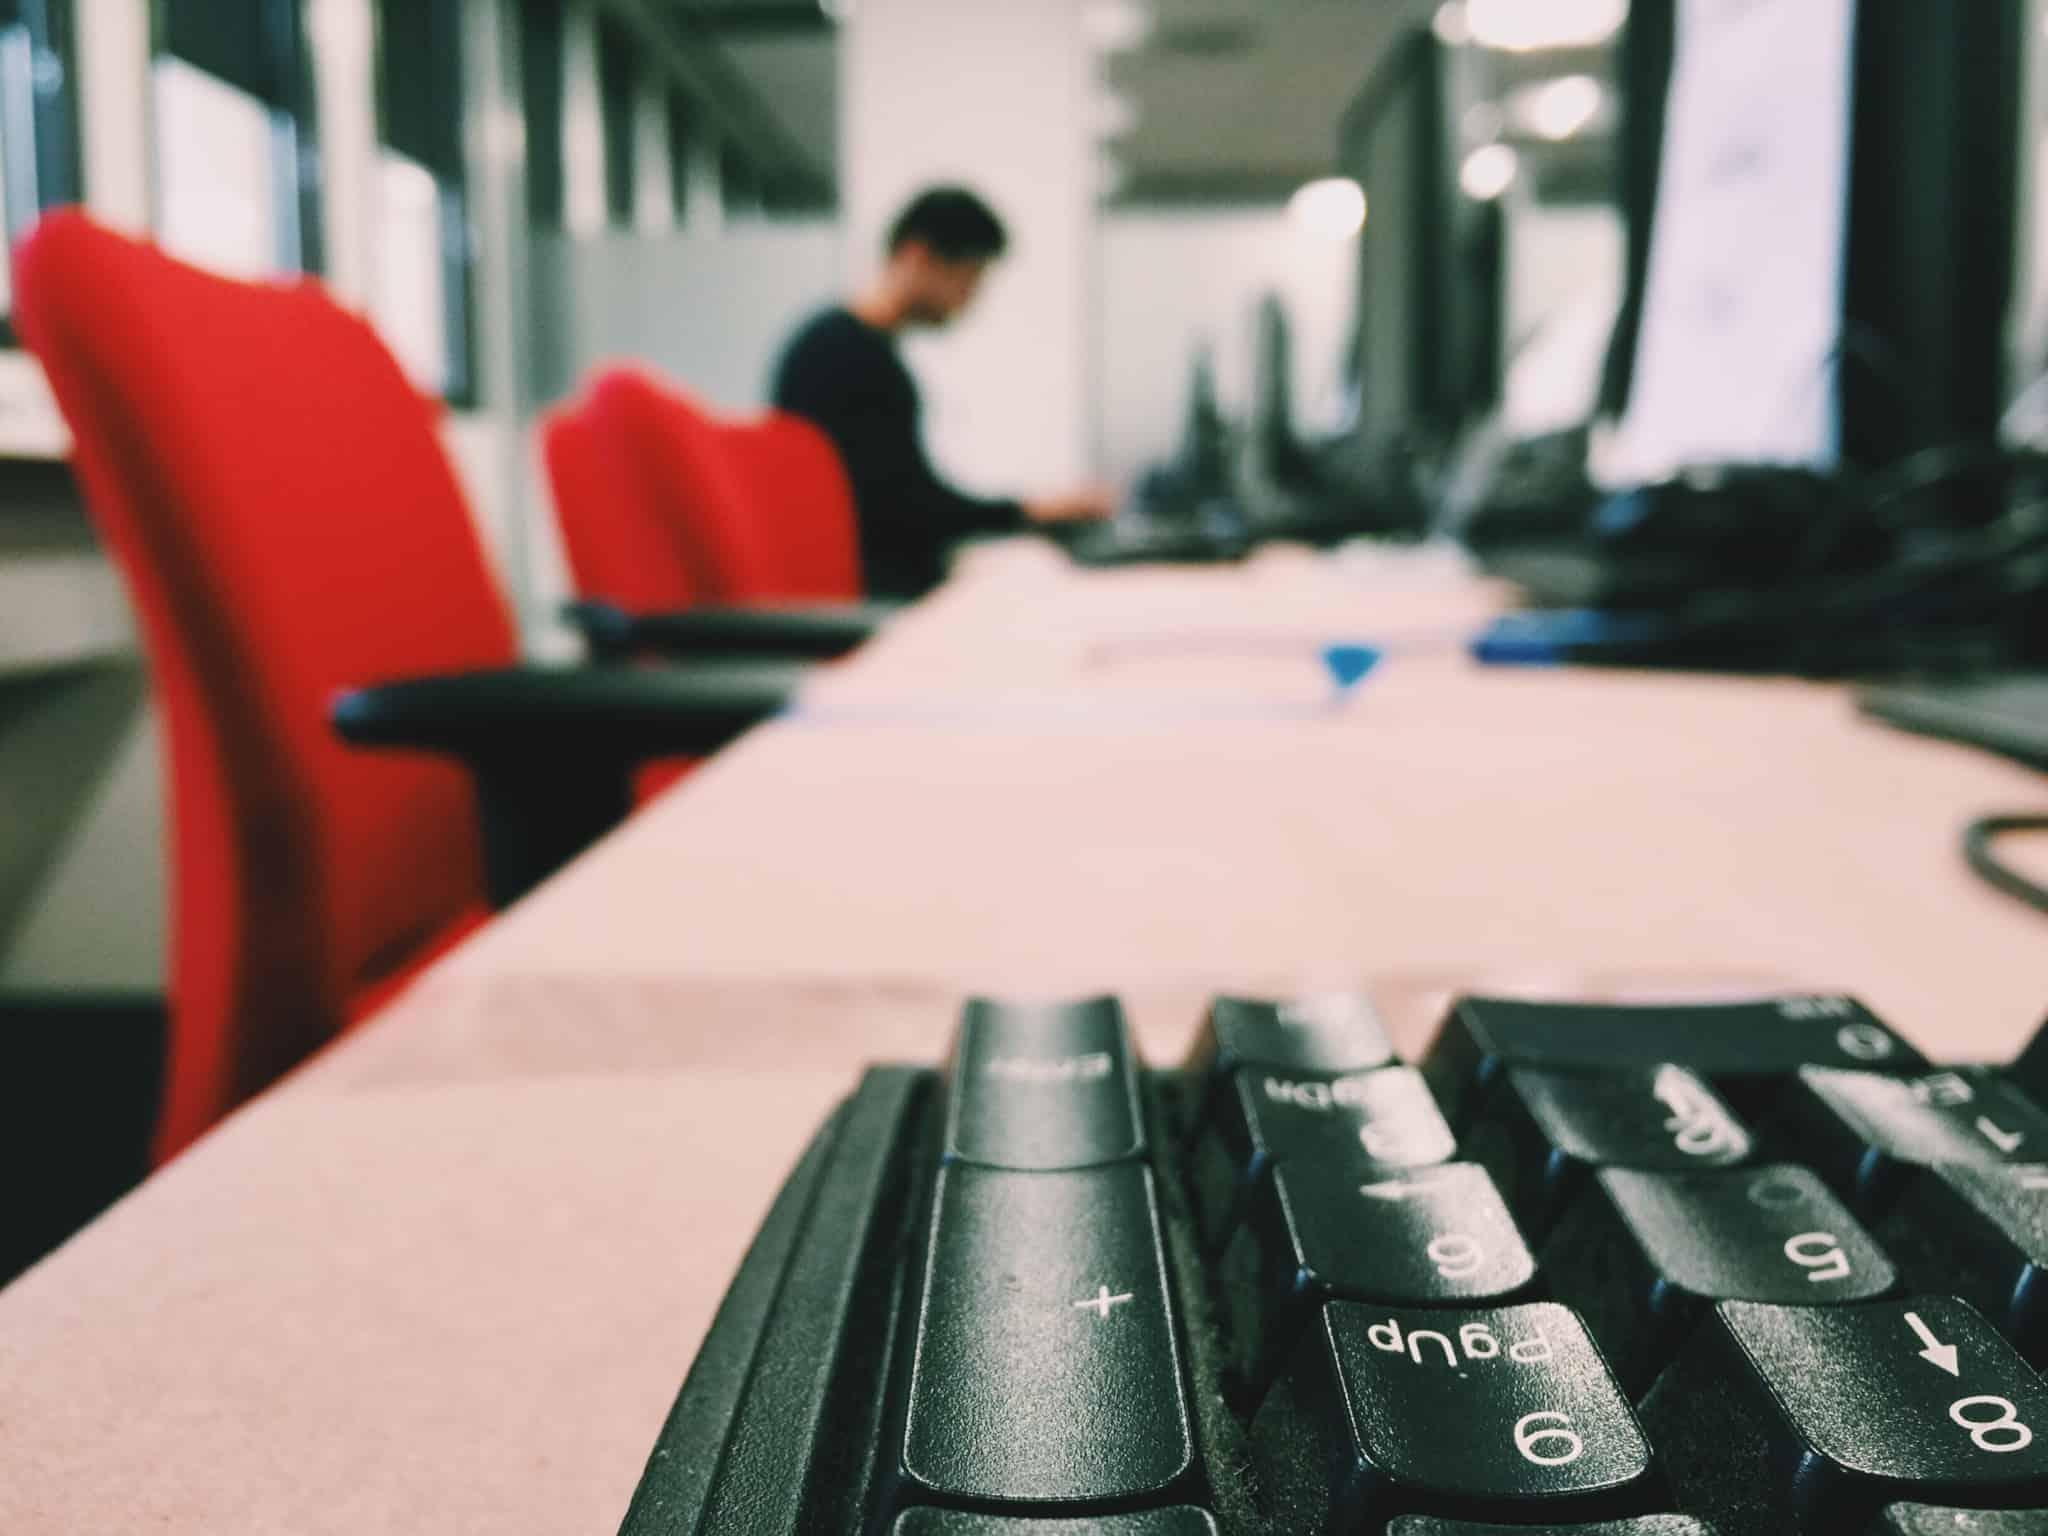 escritório com duas cadeiras vermelhas e um teclado de computador